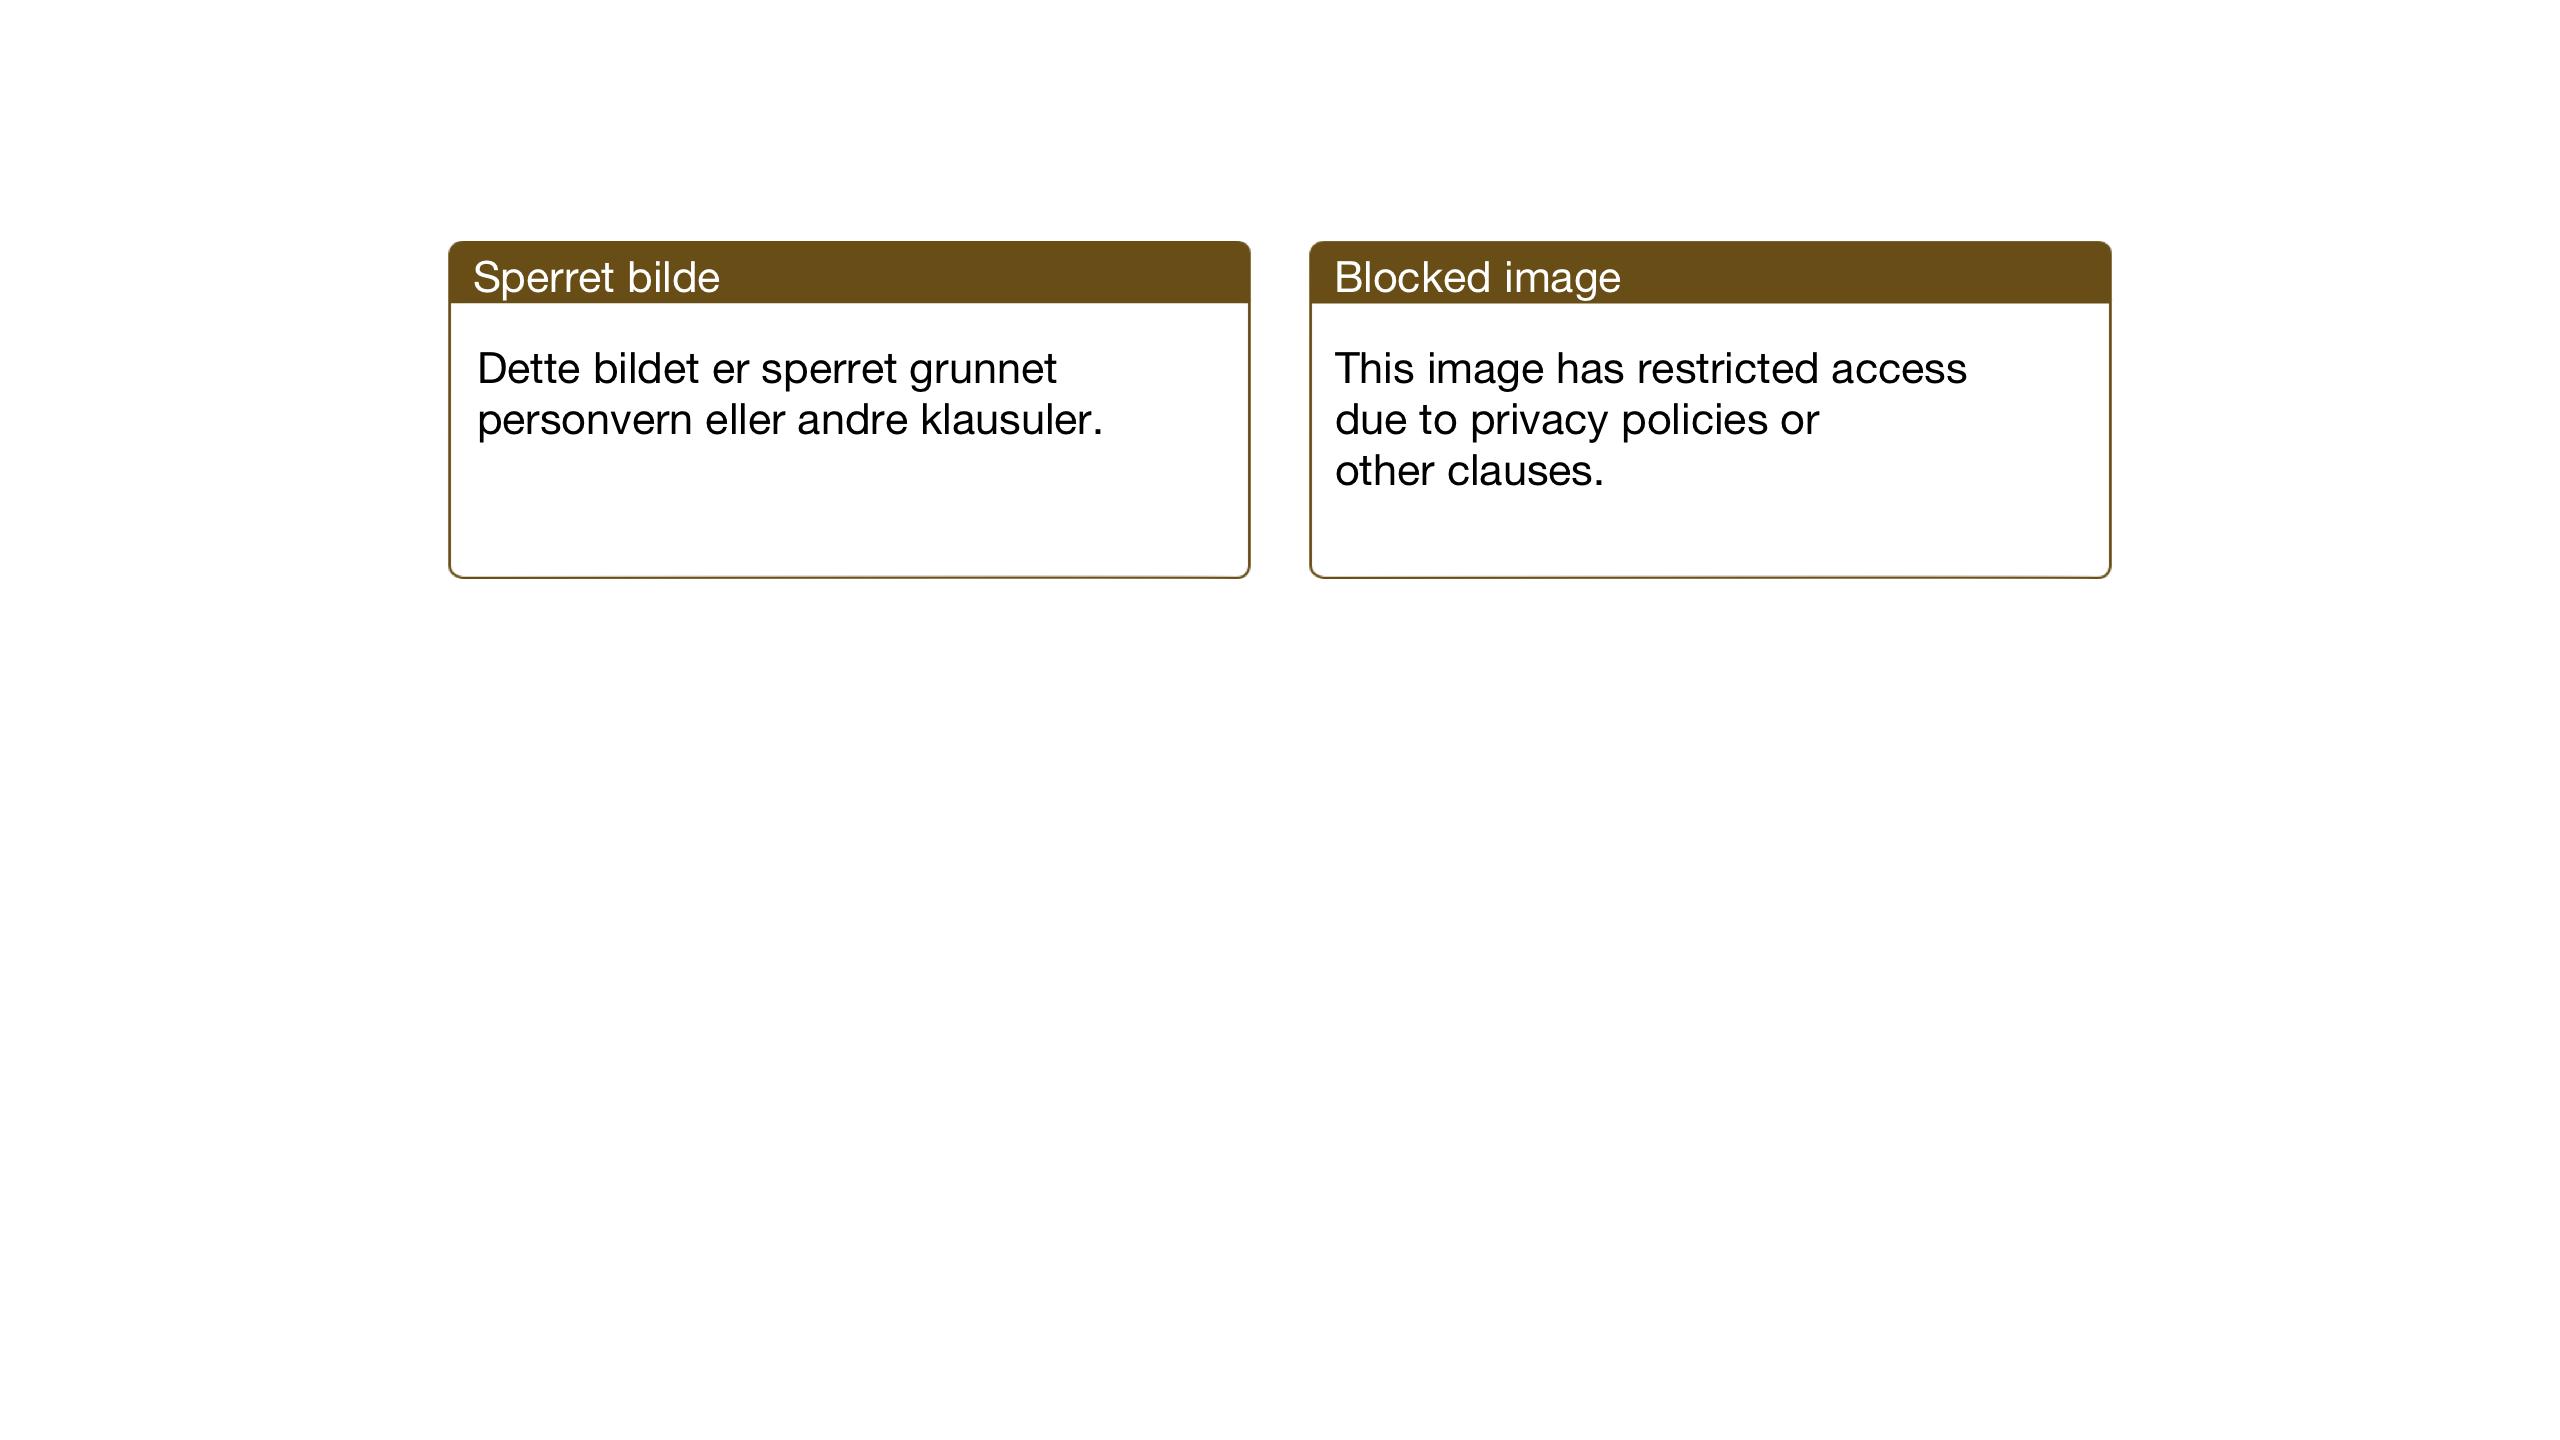 SAT, Ministerialprotokoller, klokkerbøker og fødselsregistre - Sør-Trøndelag, 638/L0569: Klokkerbok nr. 638C01, 1923-1961, s. 42